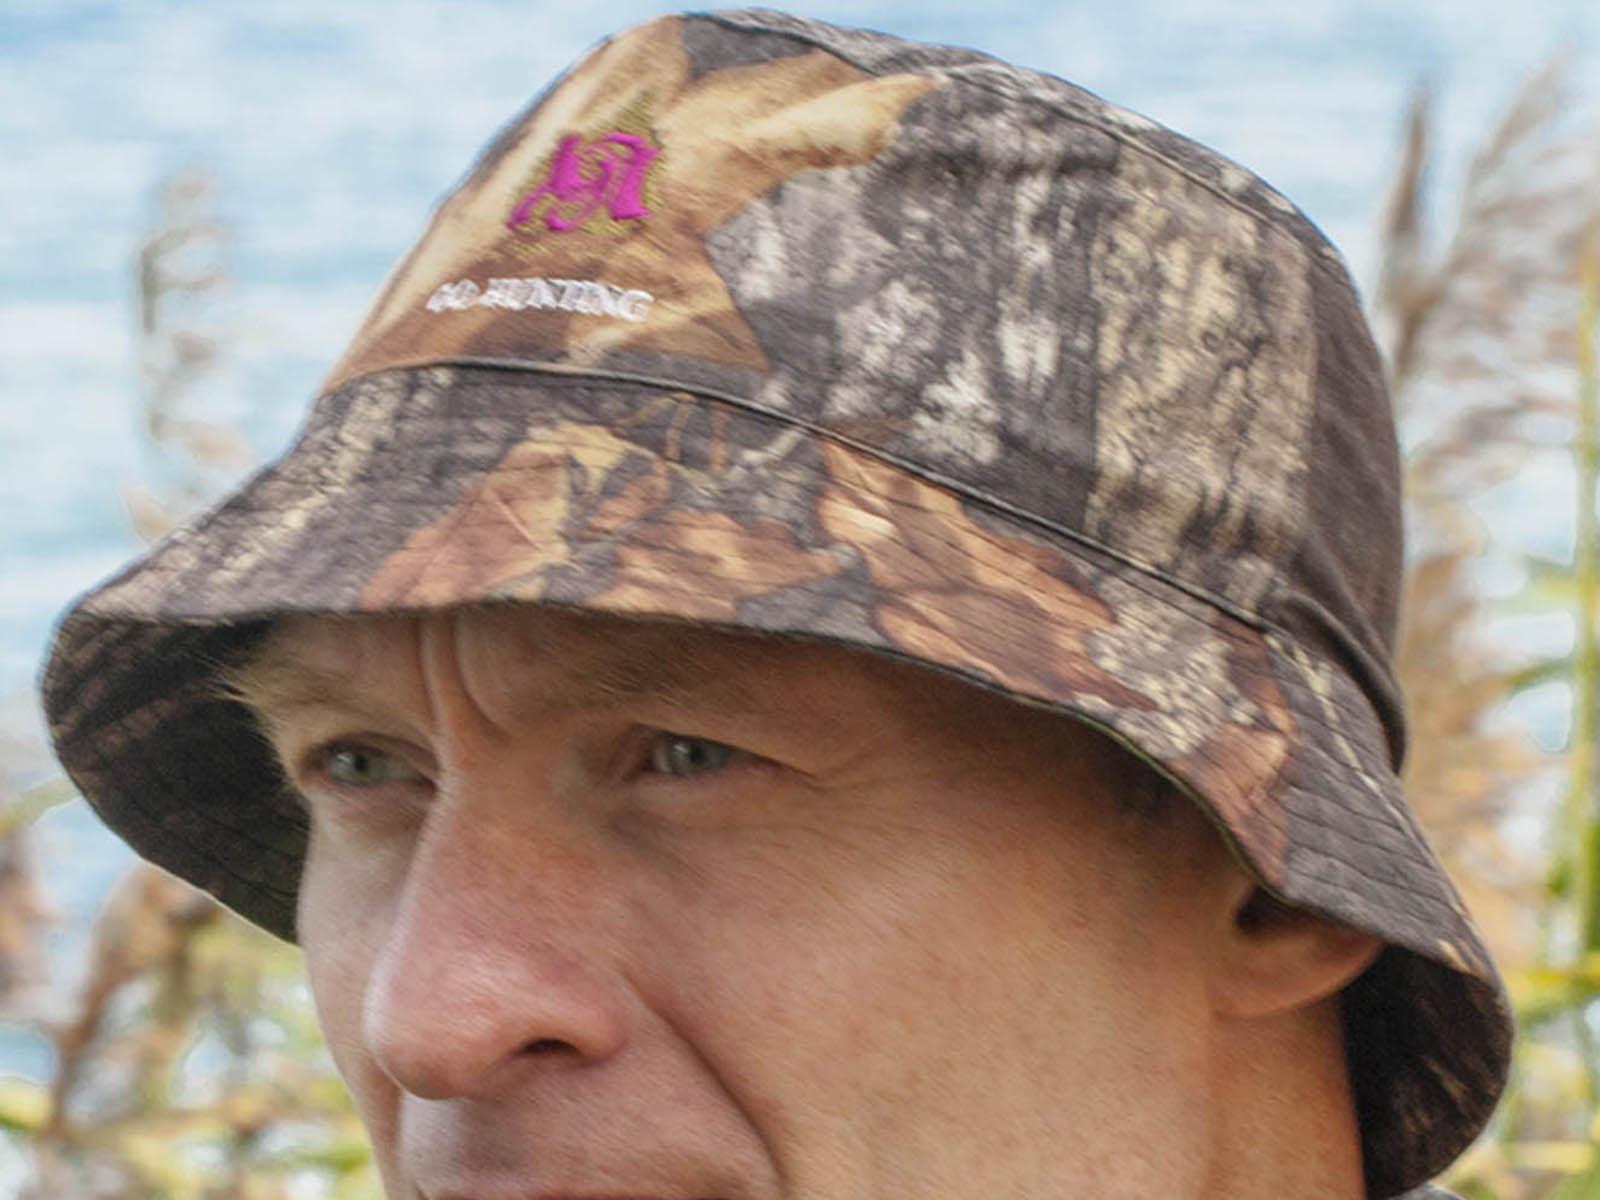 Парень, это ОНА! Охотничья панама Zong Mei в камуфляжной расцветке Realtree